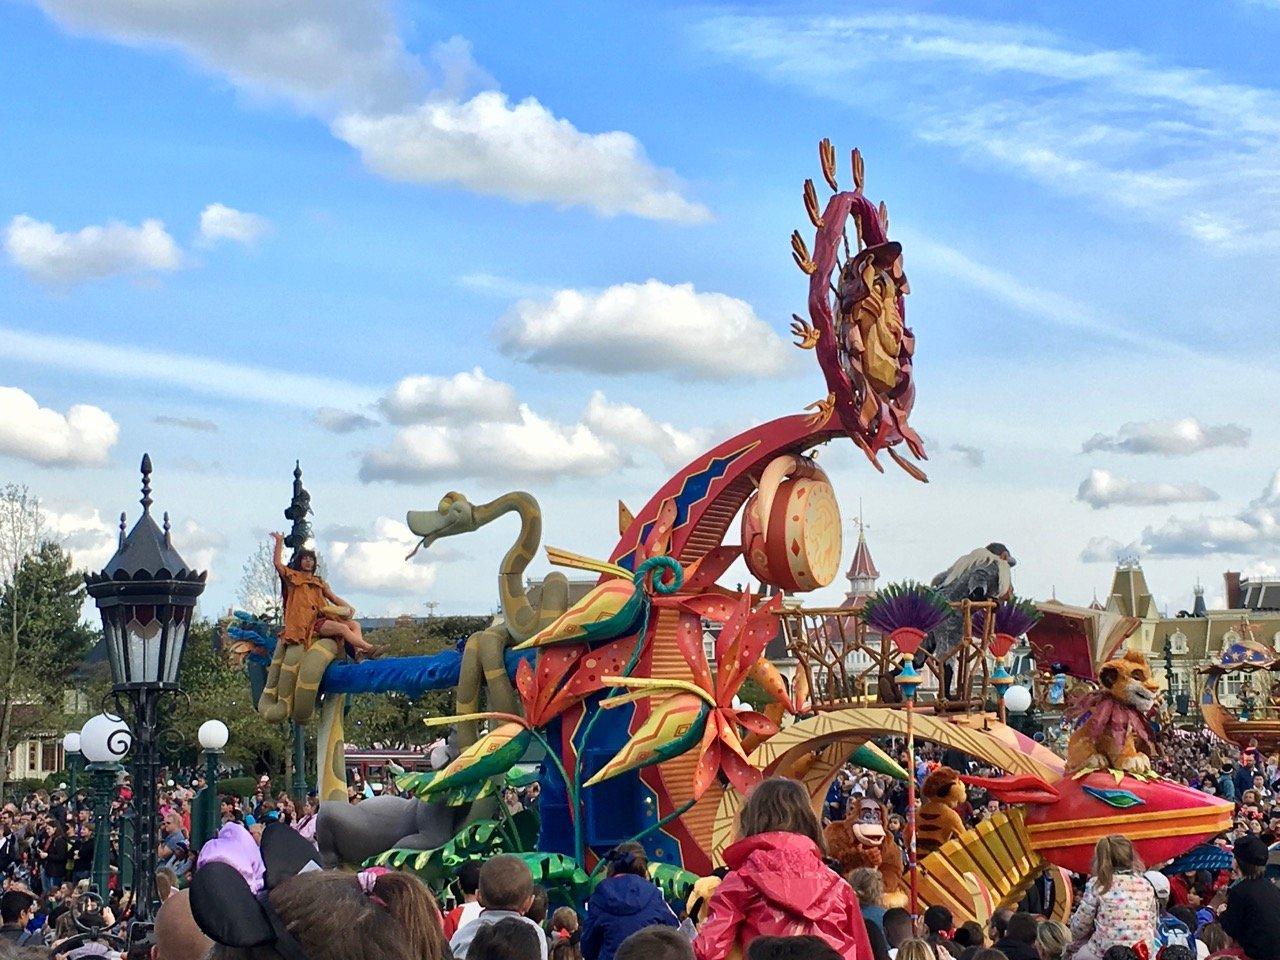 Der König der Löwen in der Parade